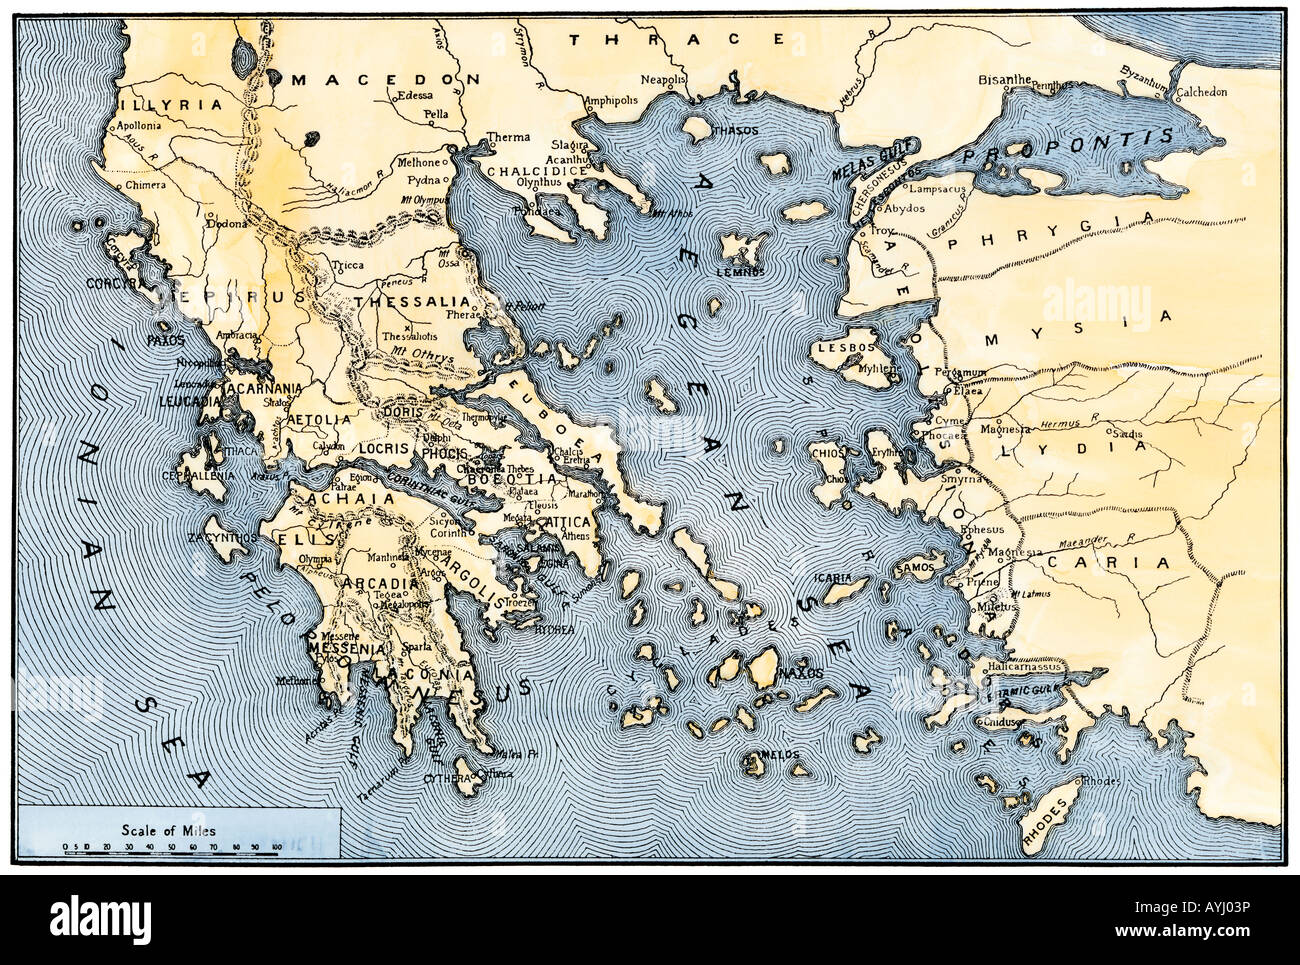 Mappa della Grecia antica e le sue colonie. Colorate a mano la xilografia Immagini Stock